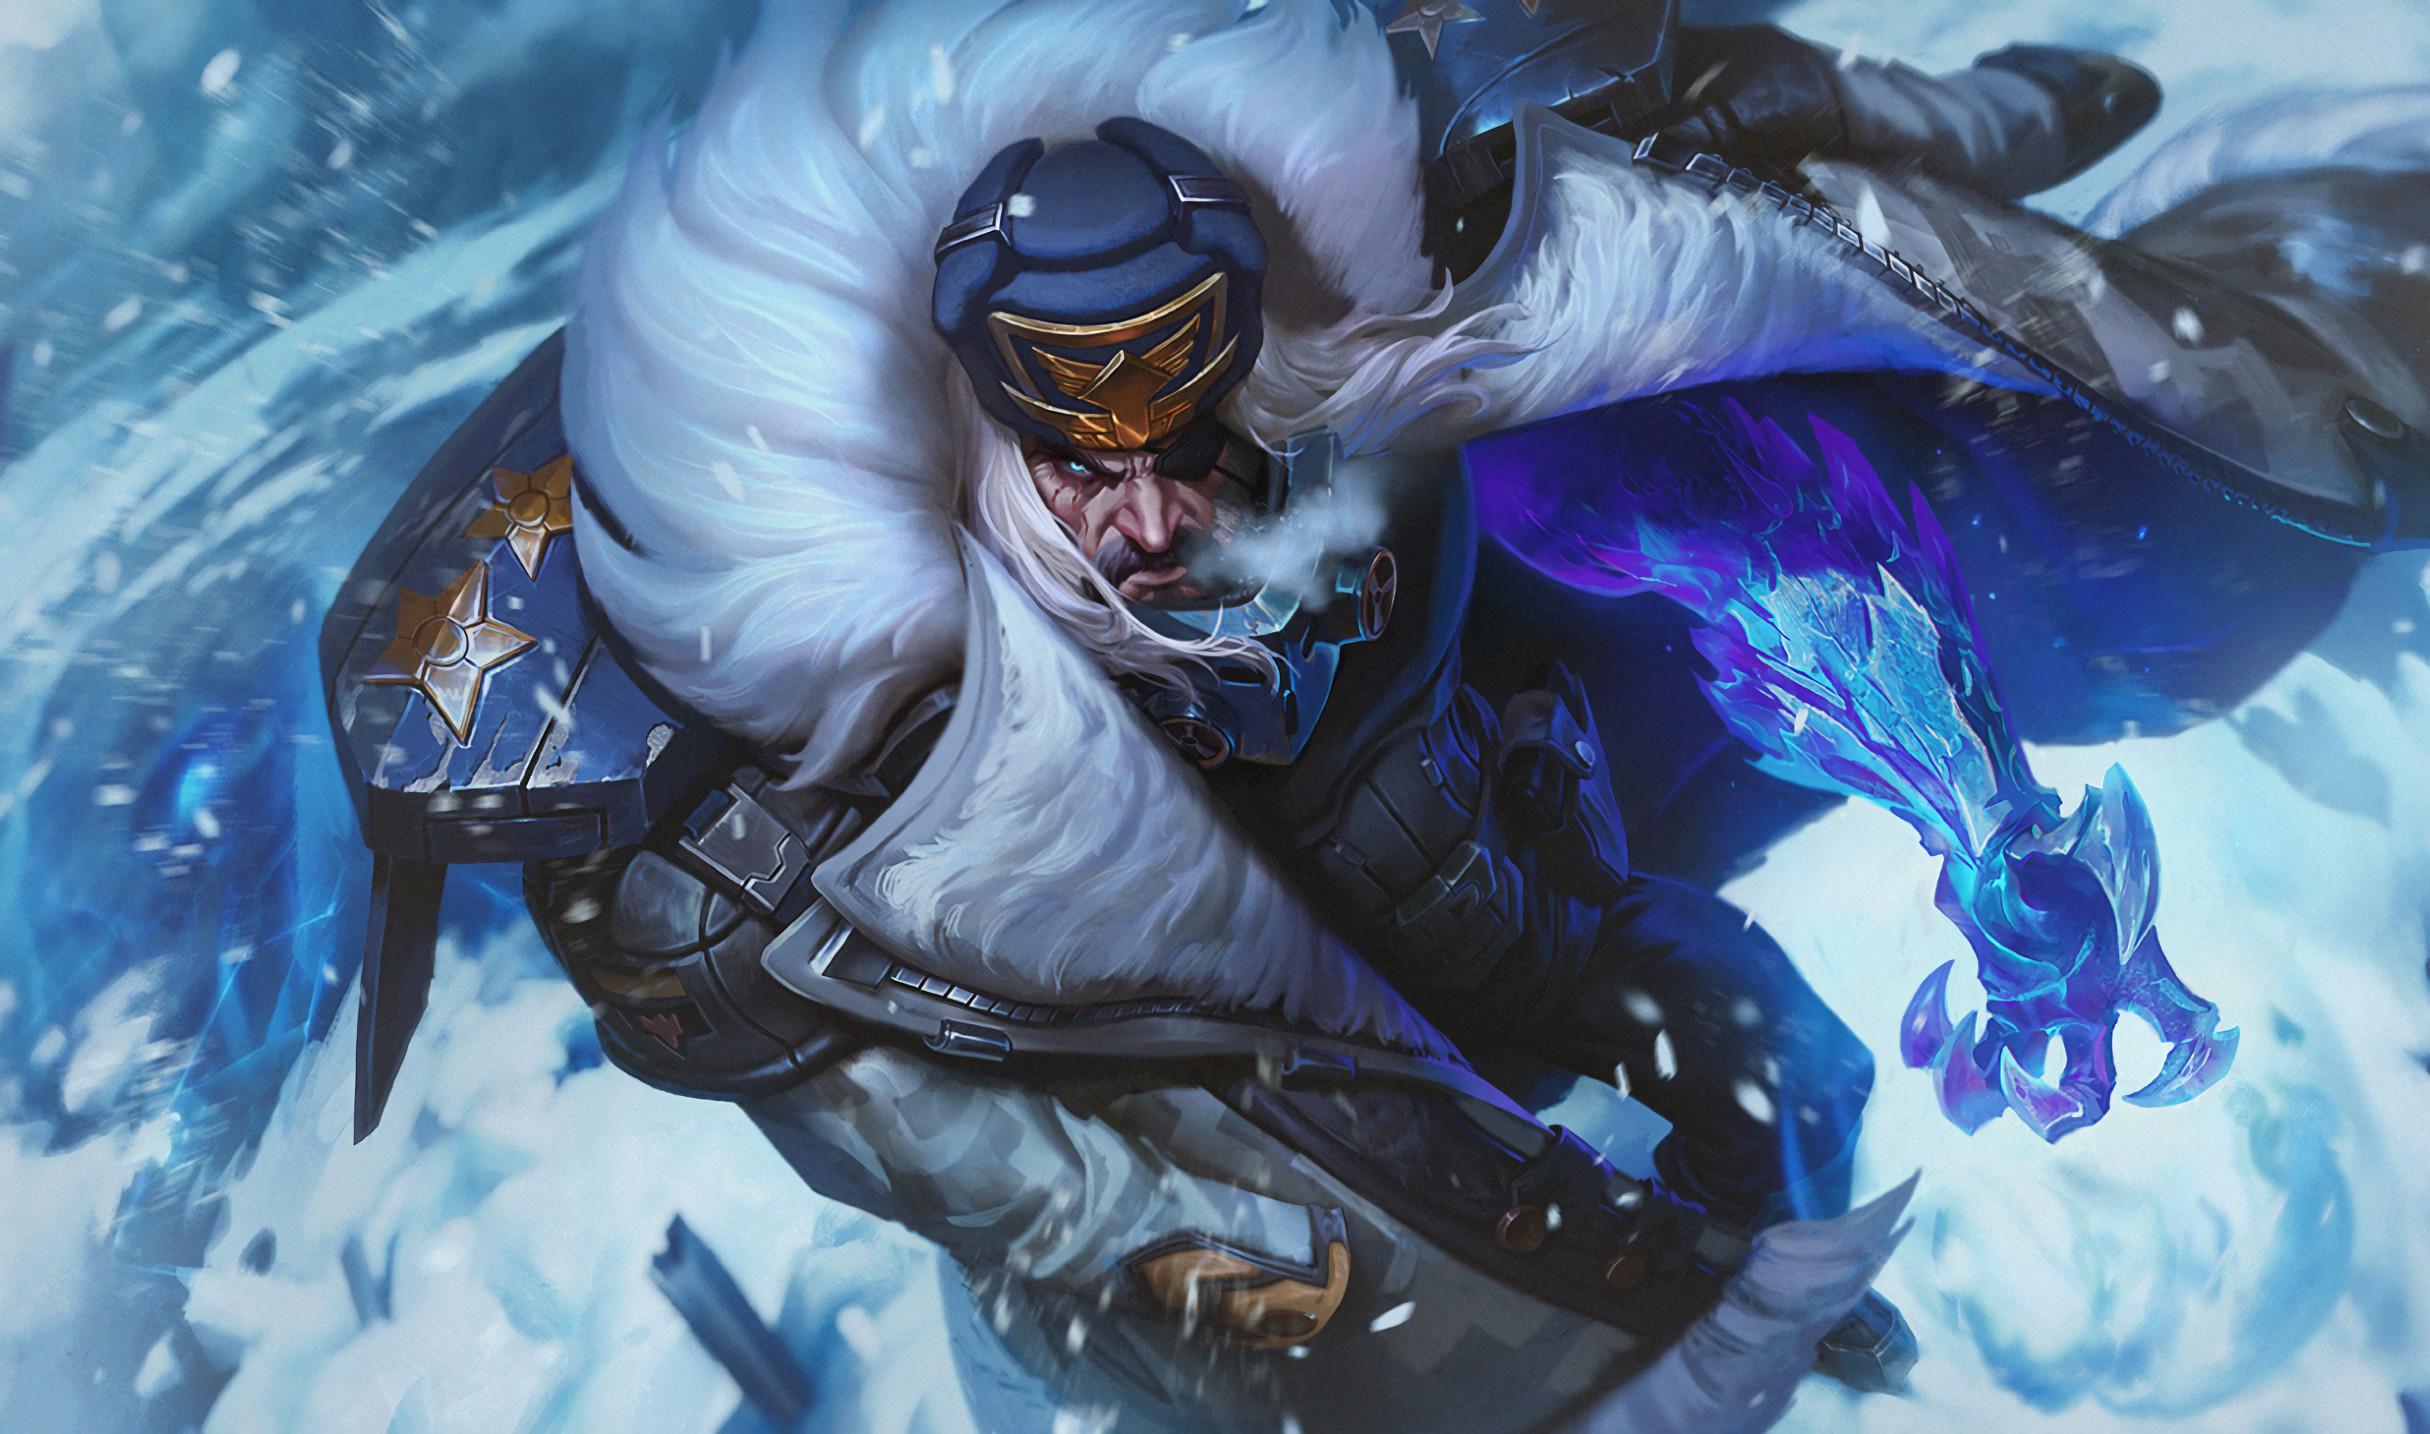 Res: 2430x1434, General  League of Legends Summoner's Rift Swain Noxus